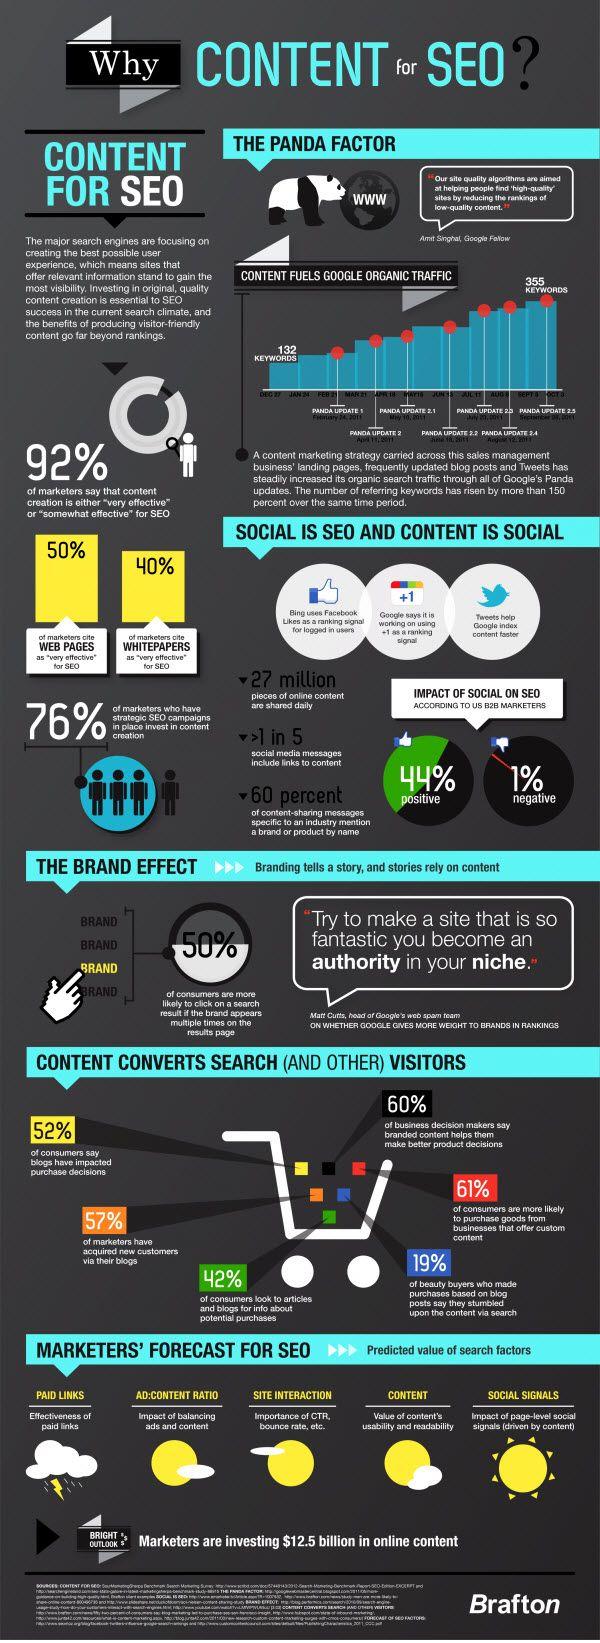 Social Media Marketing - #socialmedia #infographic #marketing #seo #southcoastsocial